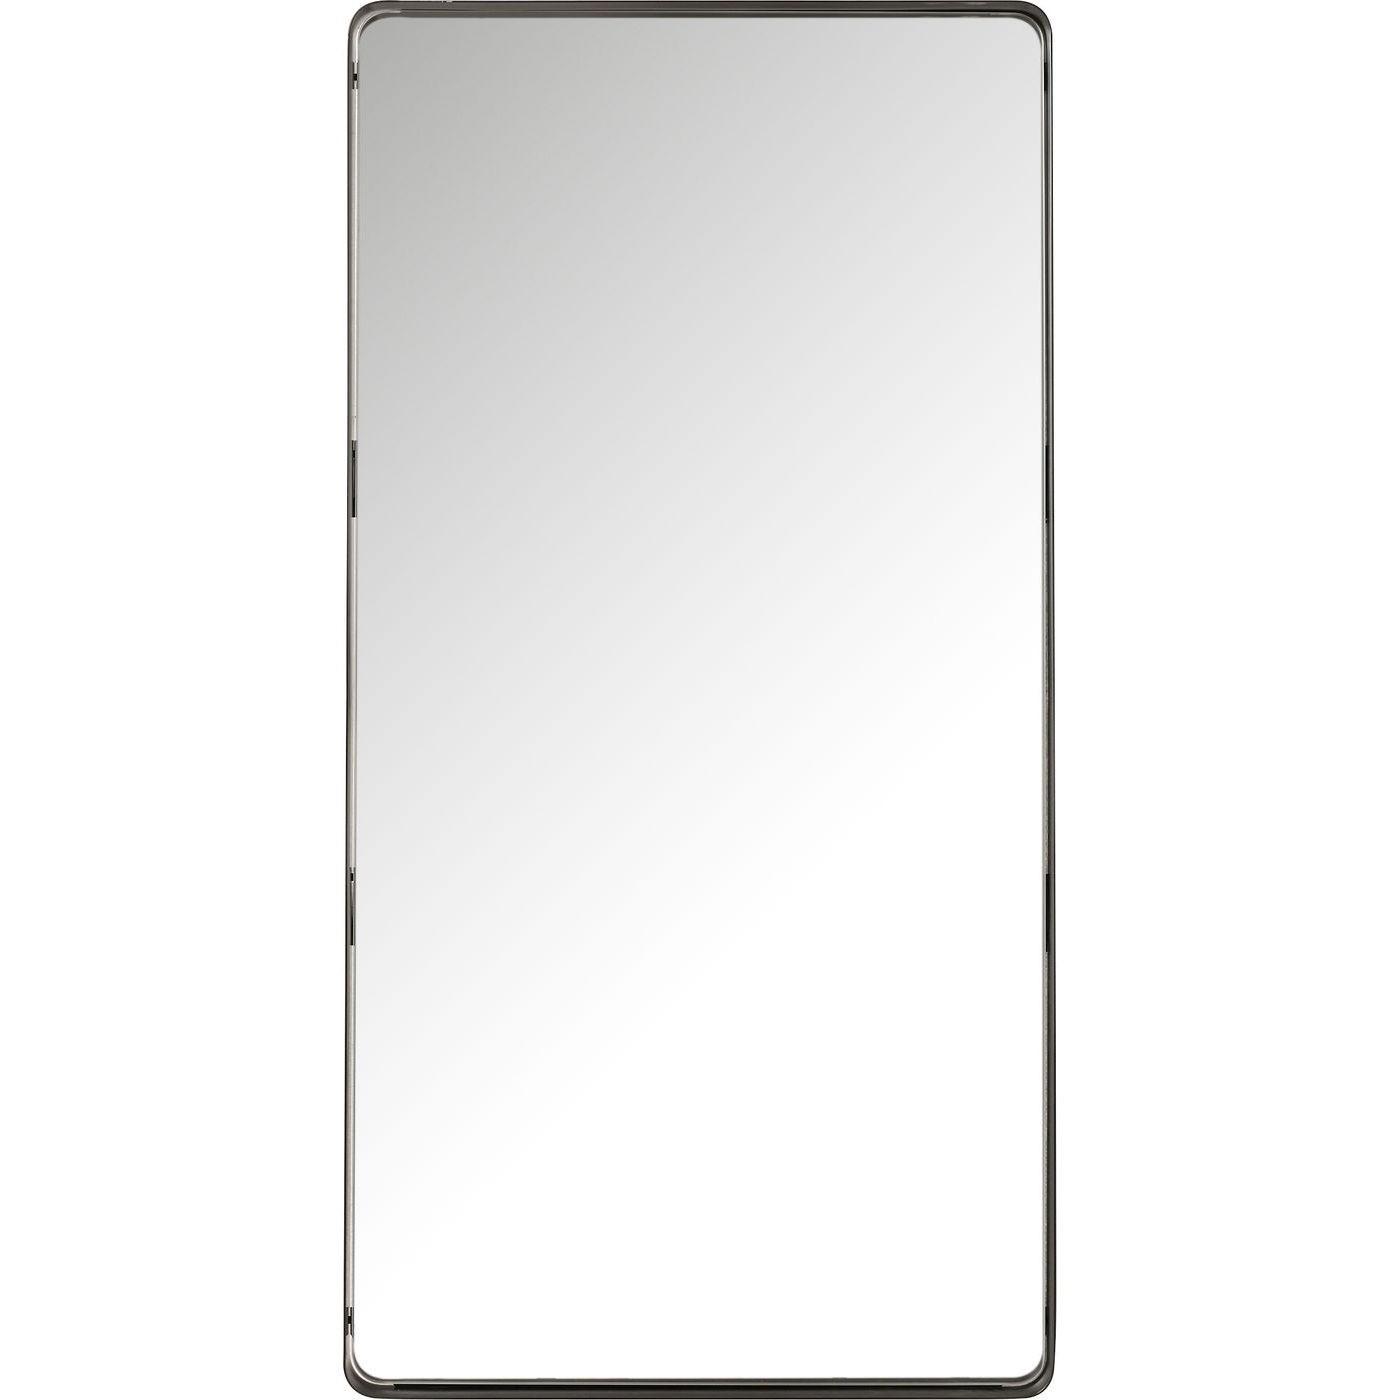 Miroir bords arrondis en métal noir 120x60